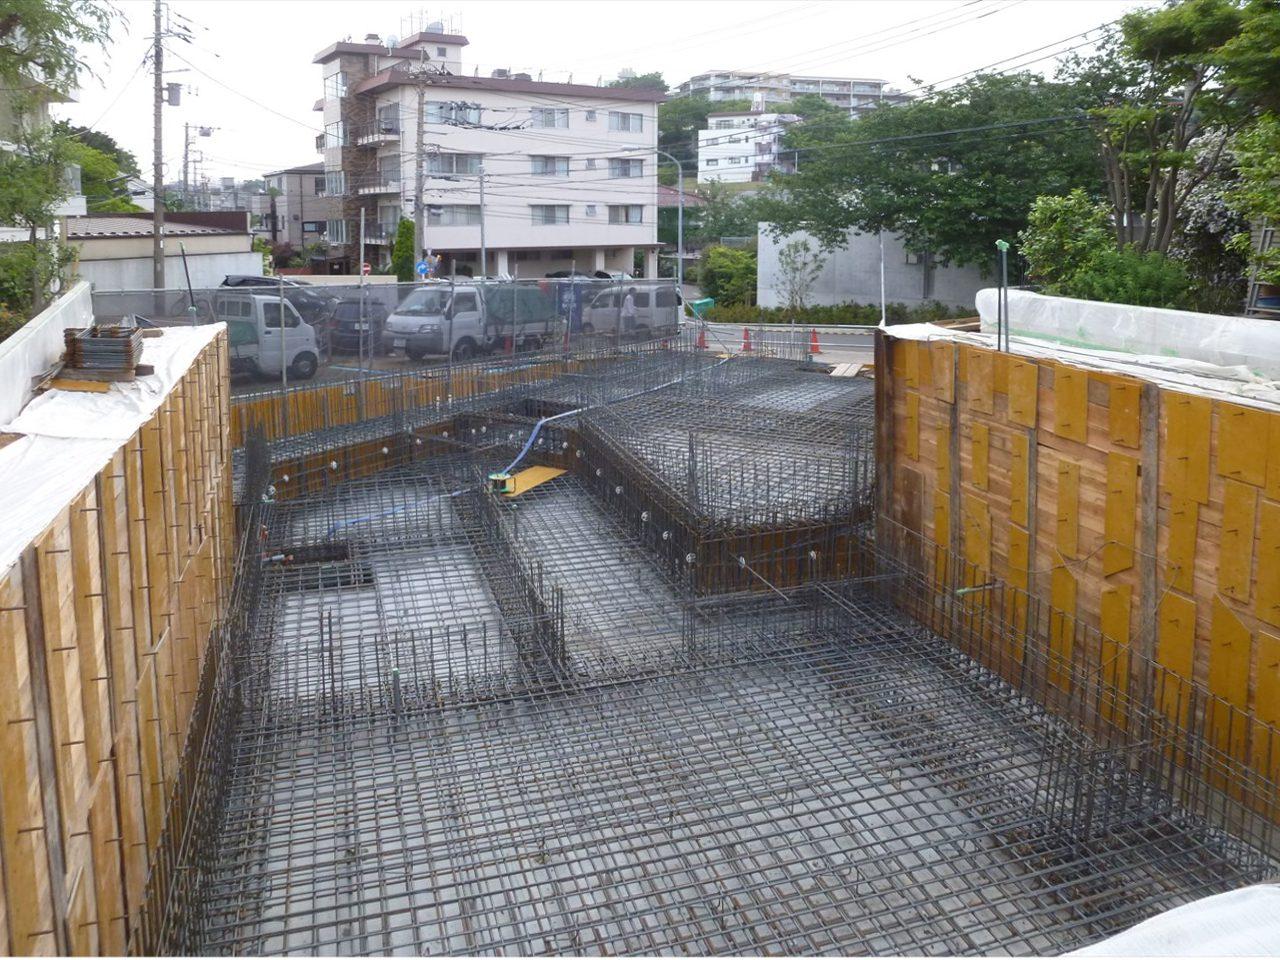 段状地に巨大地下室をつくるには道路側から掘り進むので敷地いっぱいに地下室をつくることができます